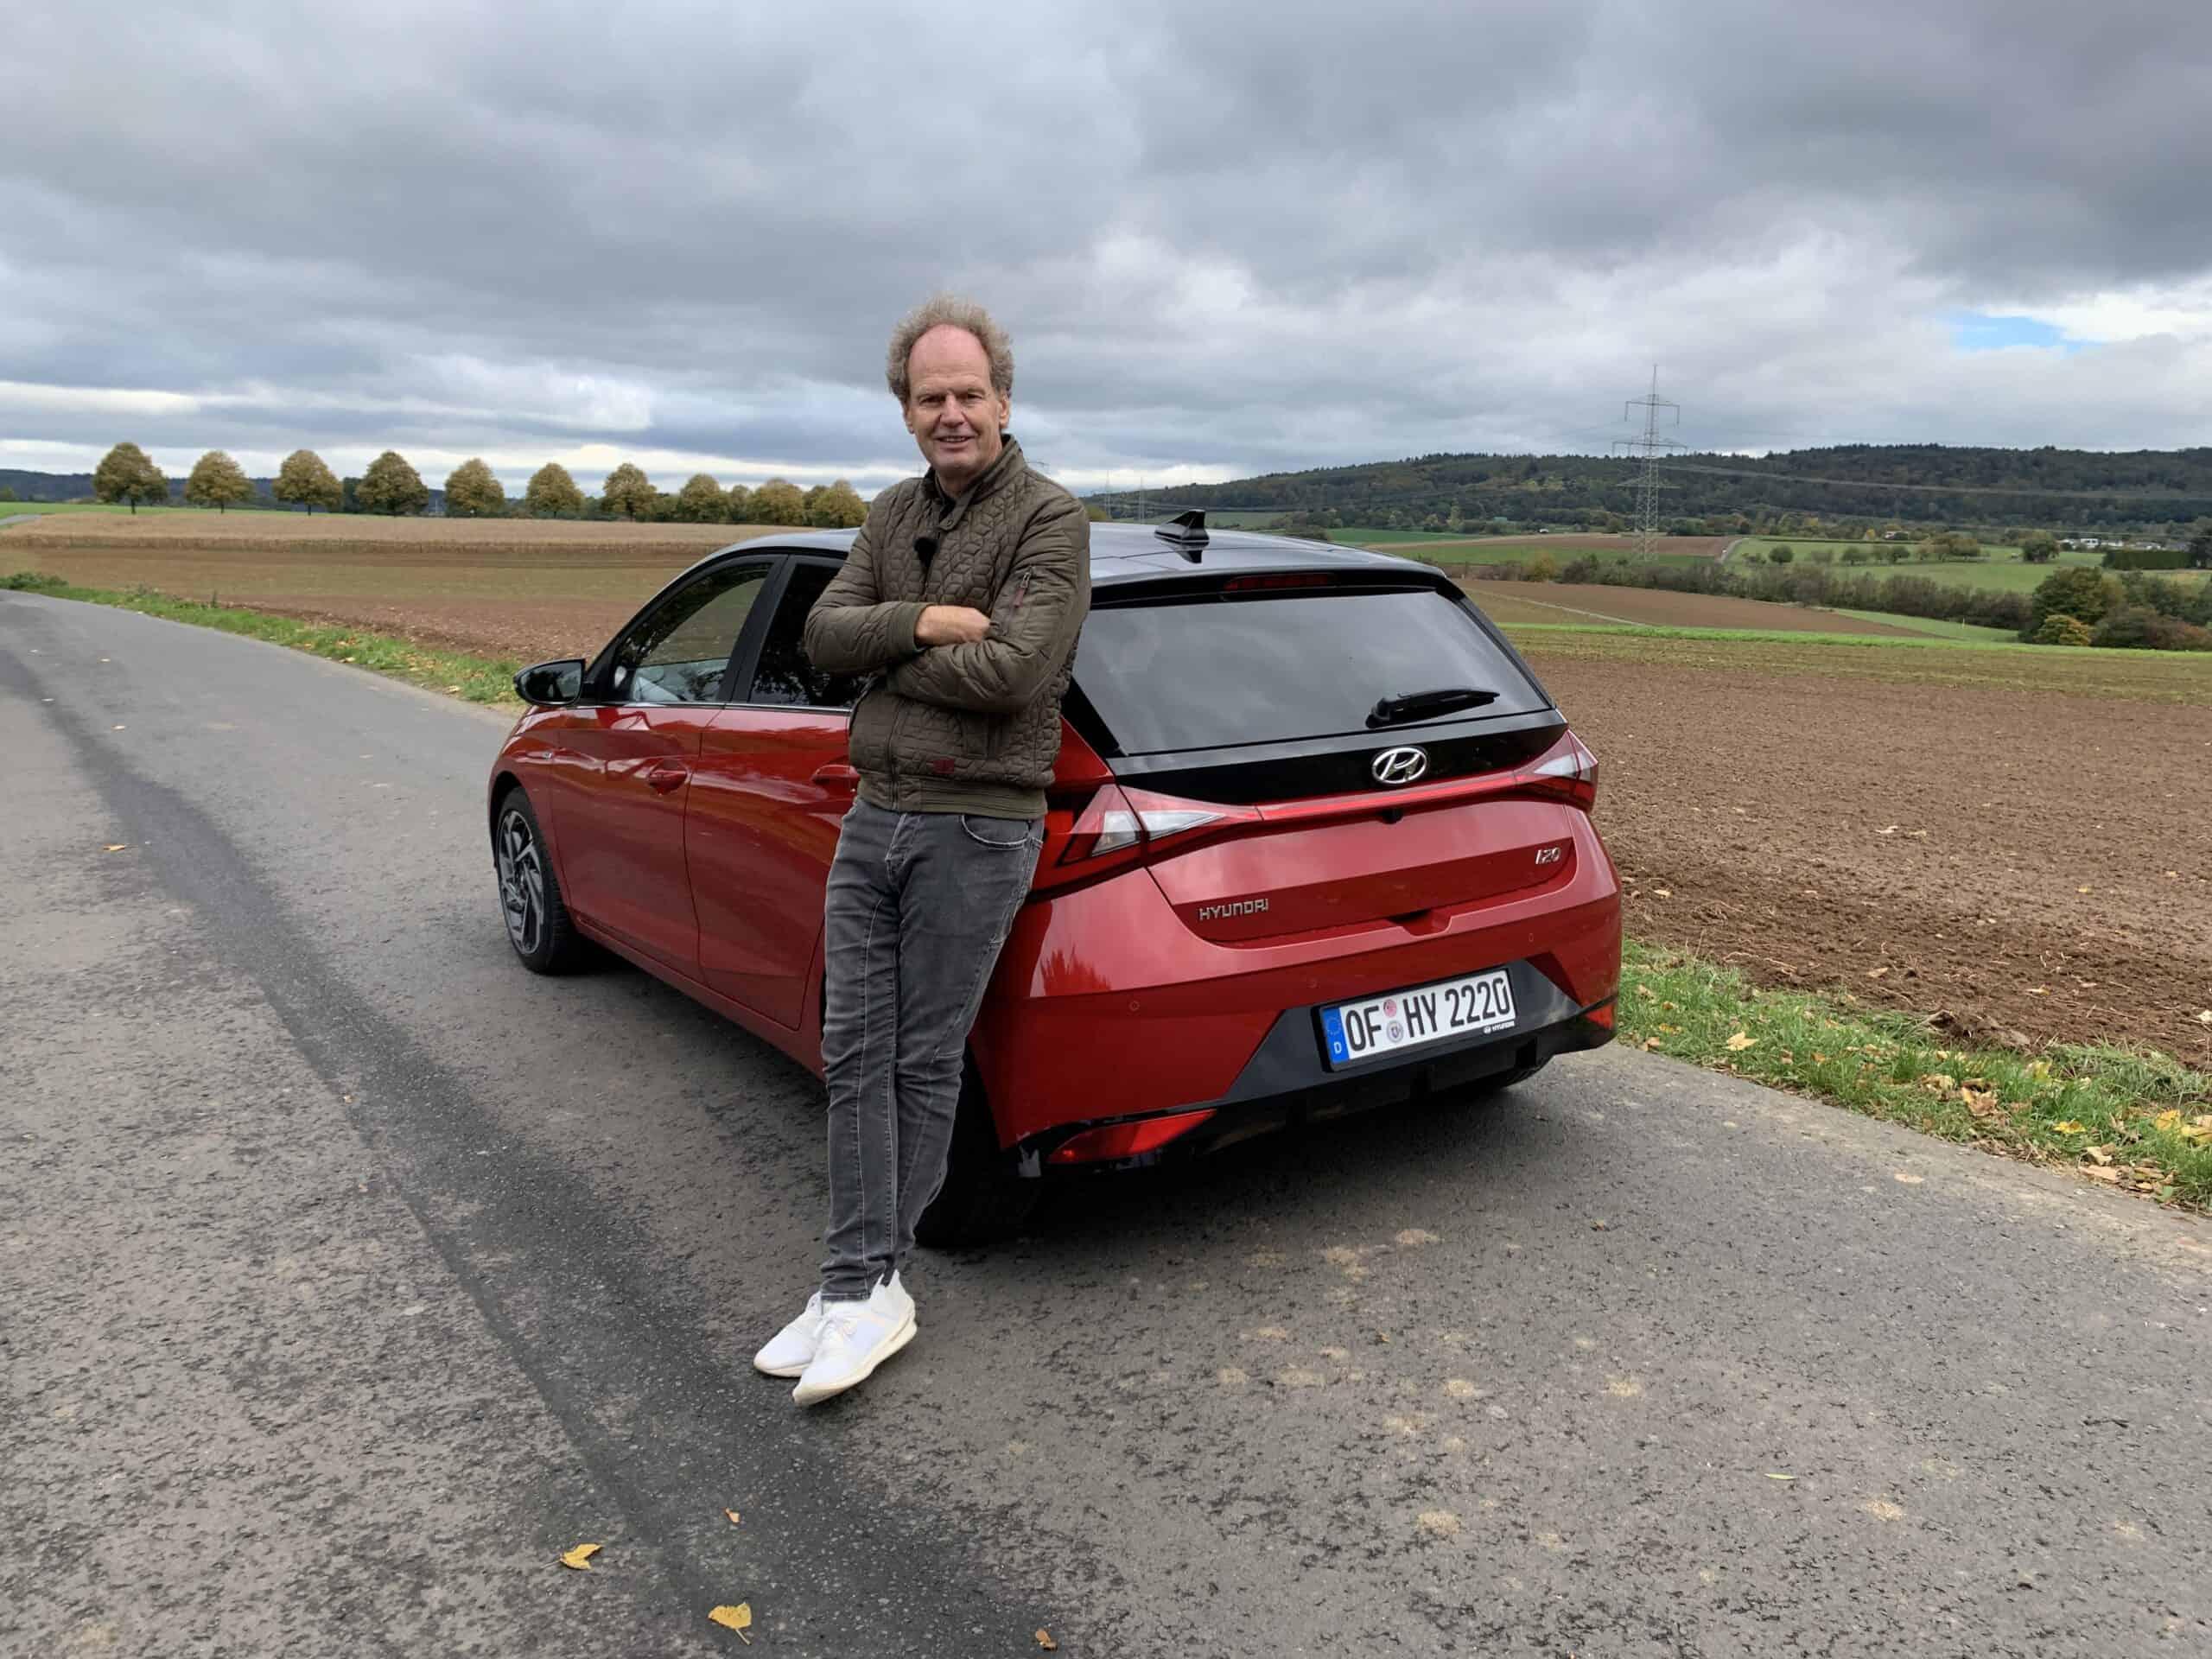 Neuer Hyundai i20 (2020) - Polo und Co müssen sich in Acht nehmen, DrFriedbert Weizenecker